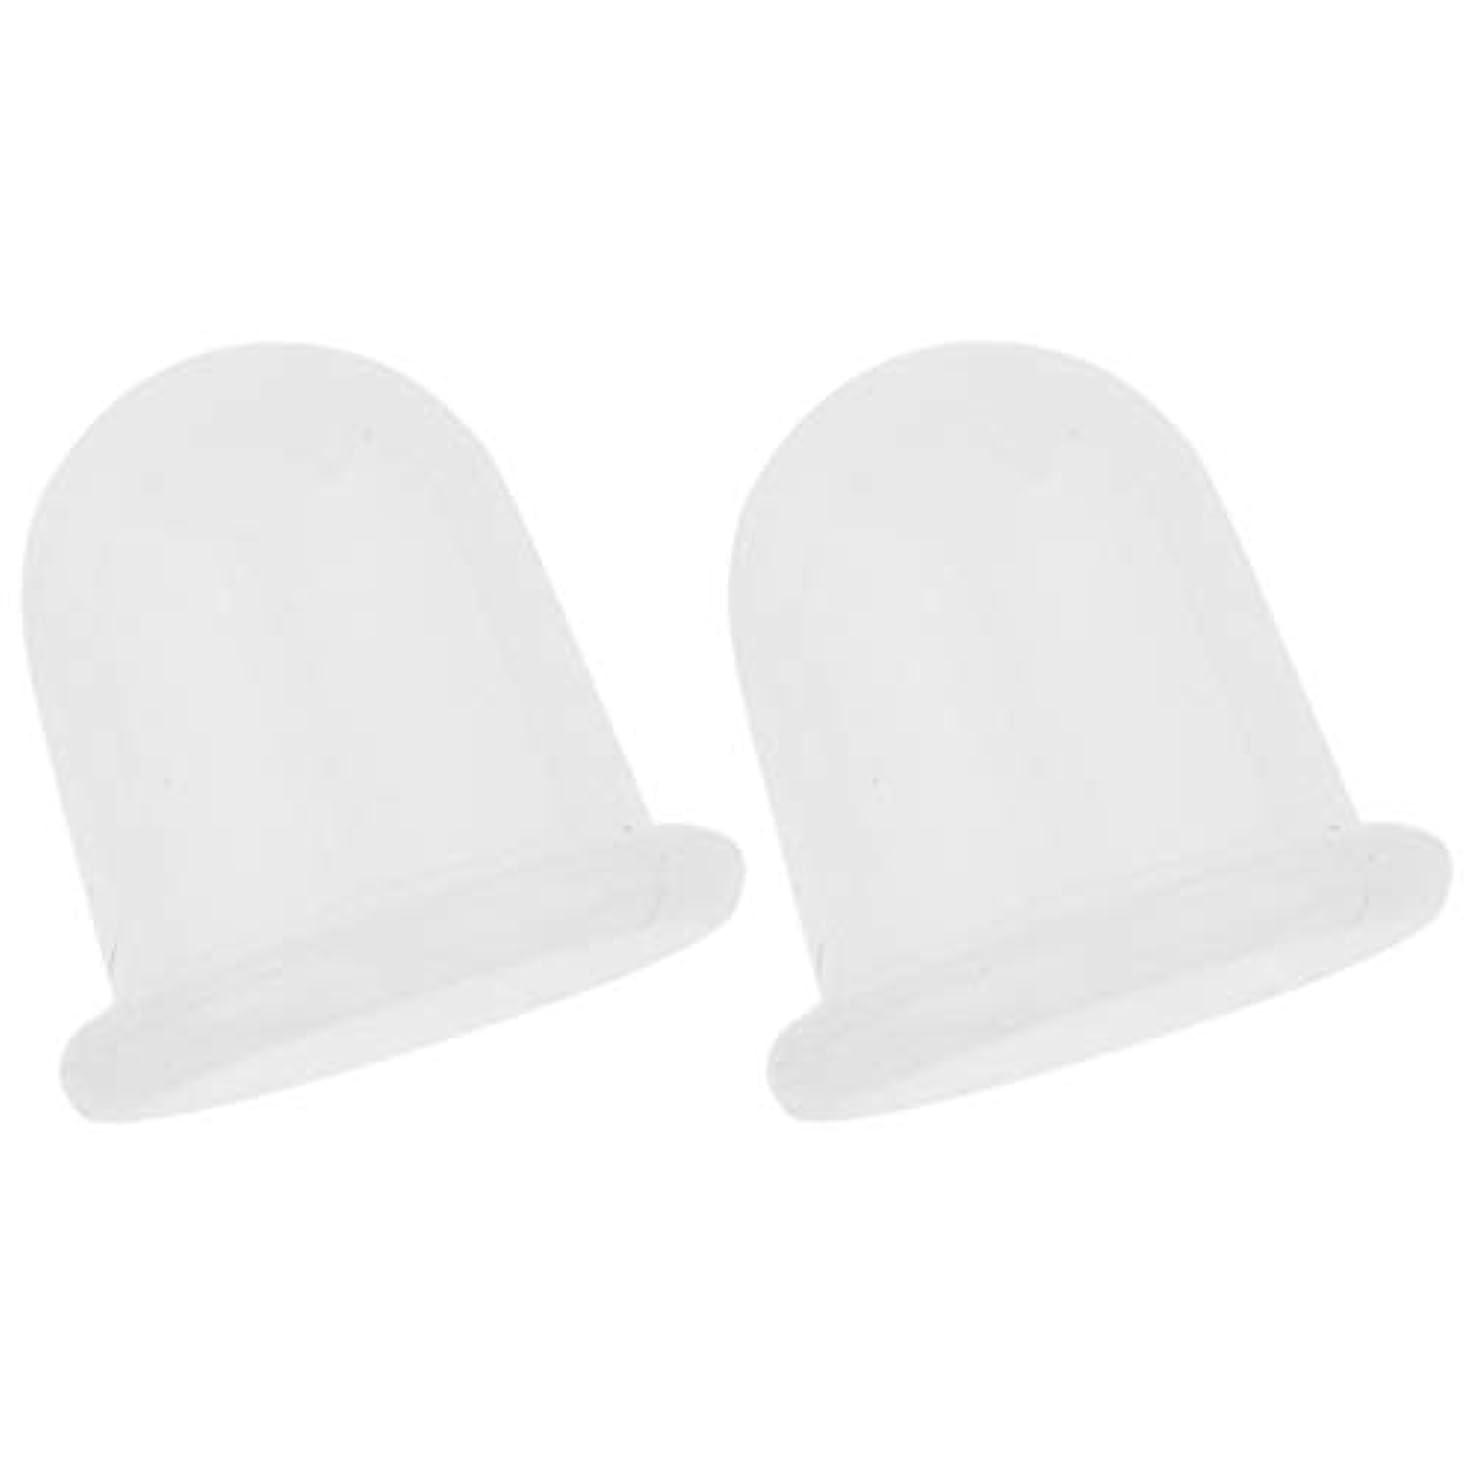 単調な行き当たりばったり冷凍庫sharprepublic ボディー ビューティーストレス 空カップ 吸い玉 真空カッピングカップ 持ち運び 可能 汎用 2個入り